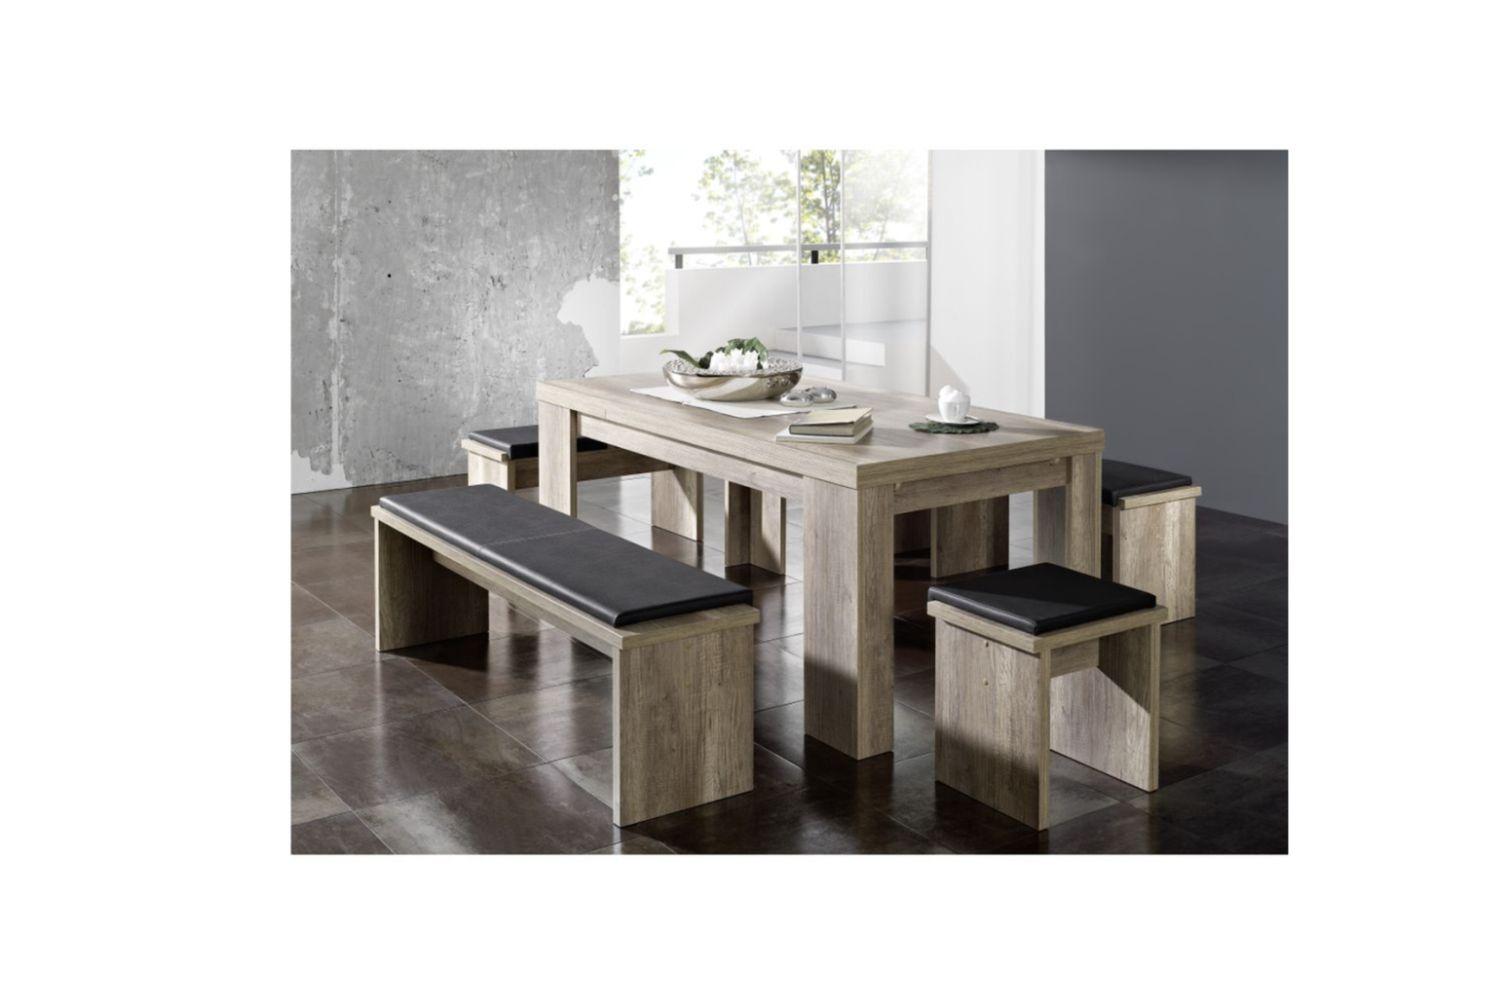 esszimmertisch esstisch erweiterbar ausziehbar gro neu k chentisch tische ebay. Black Bedroom Furniture Sets. Home Design Ideas